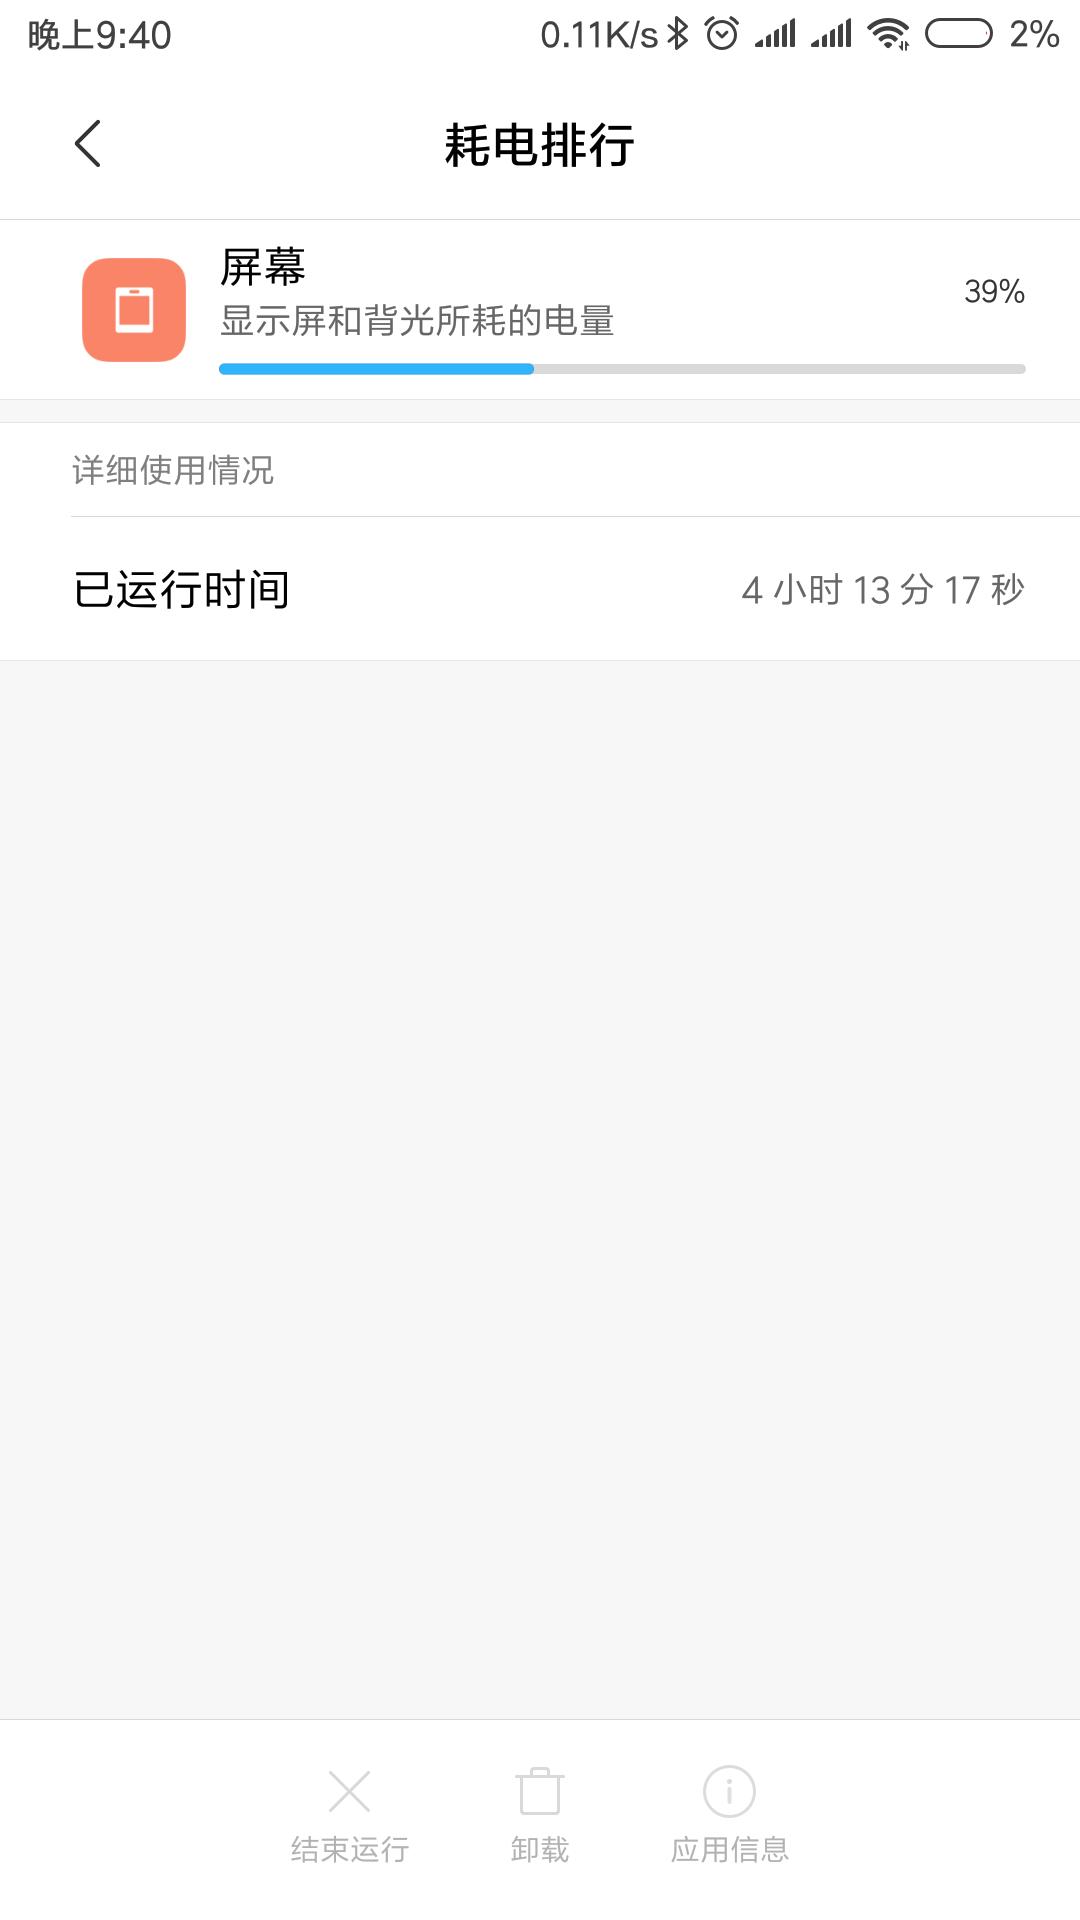 Screenshot_2021-03-02-21-40-55-728_com.miui.securitycenter.png